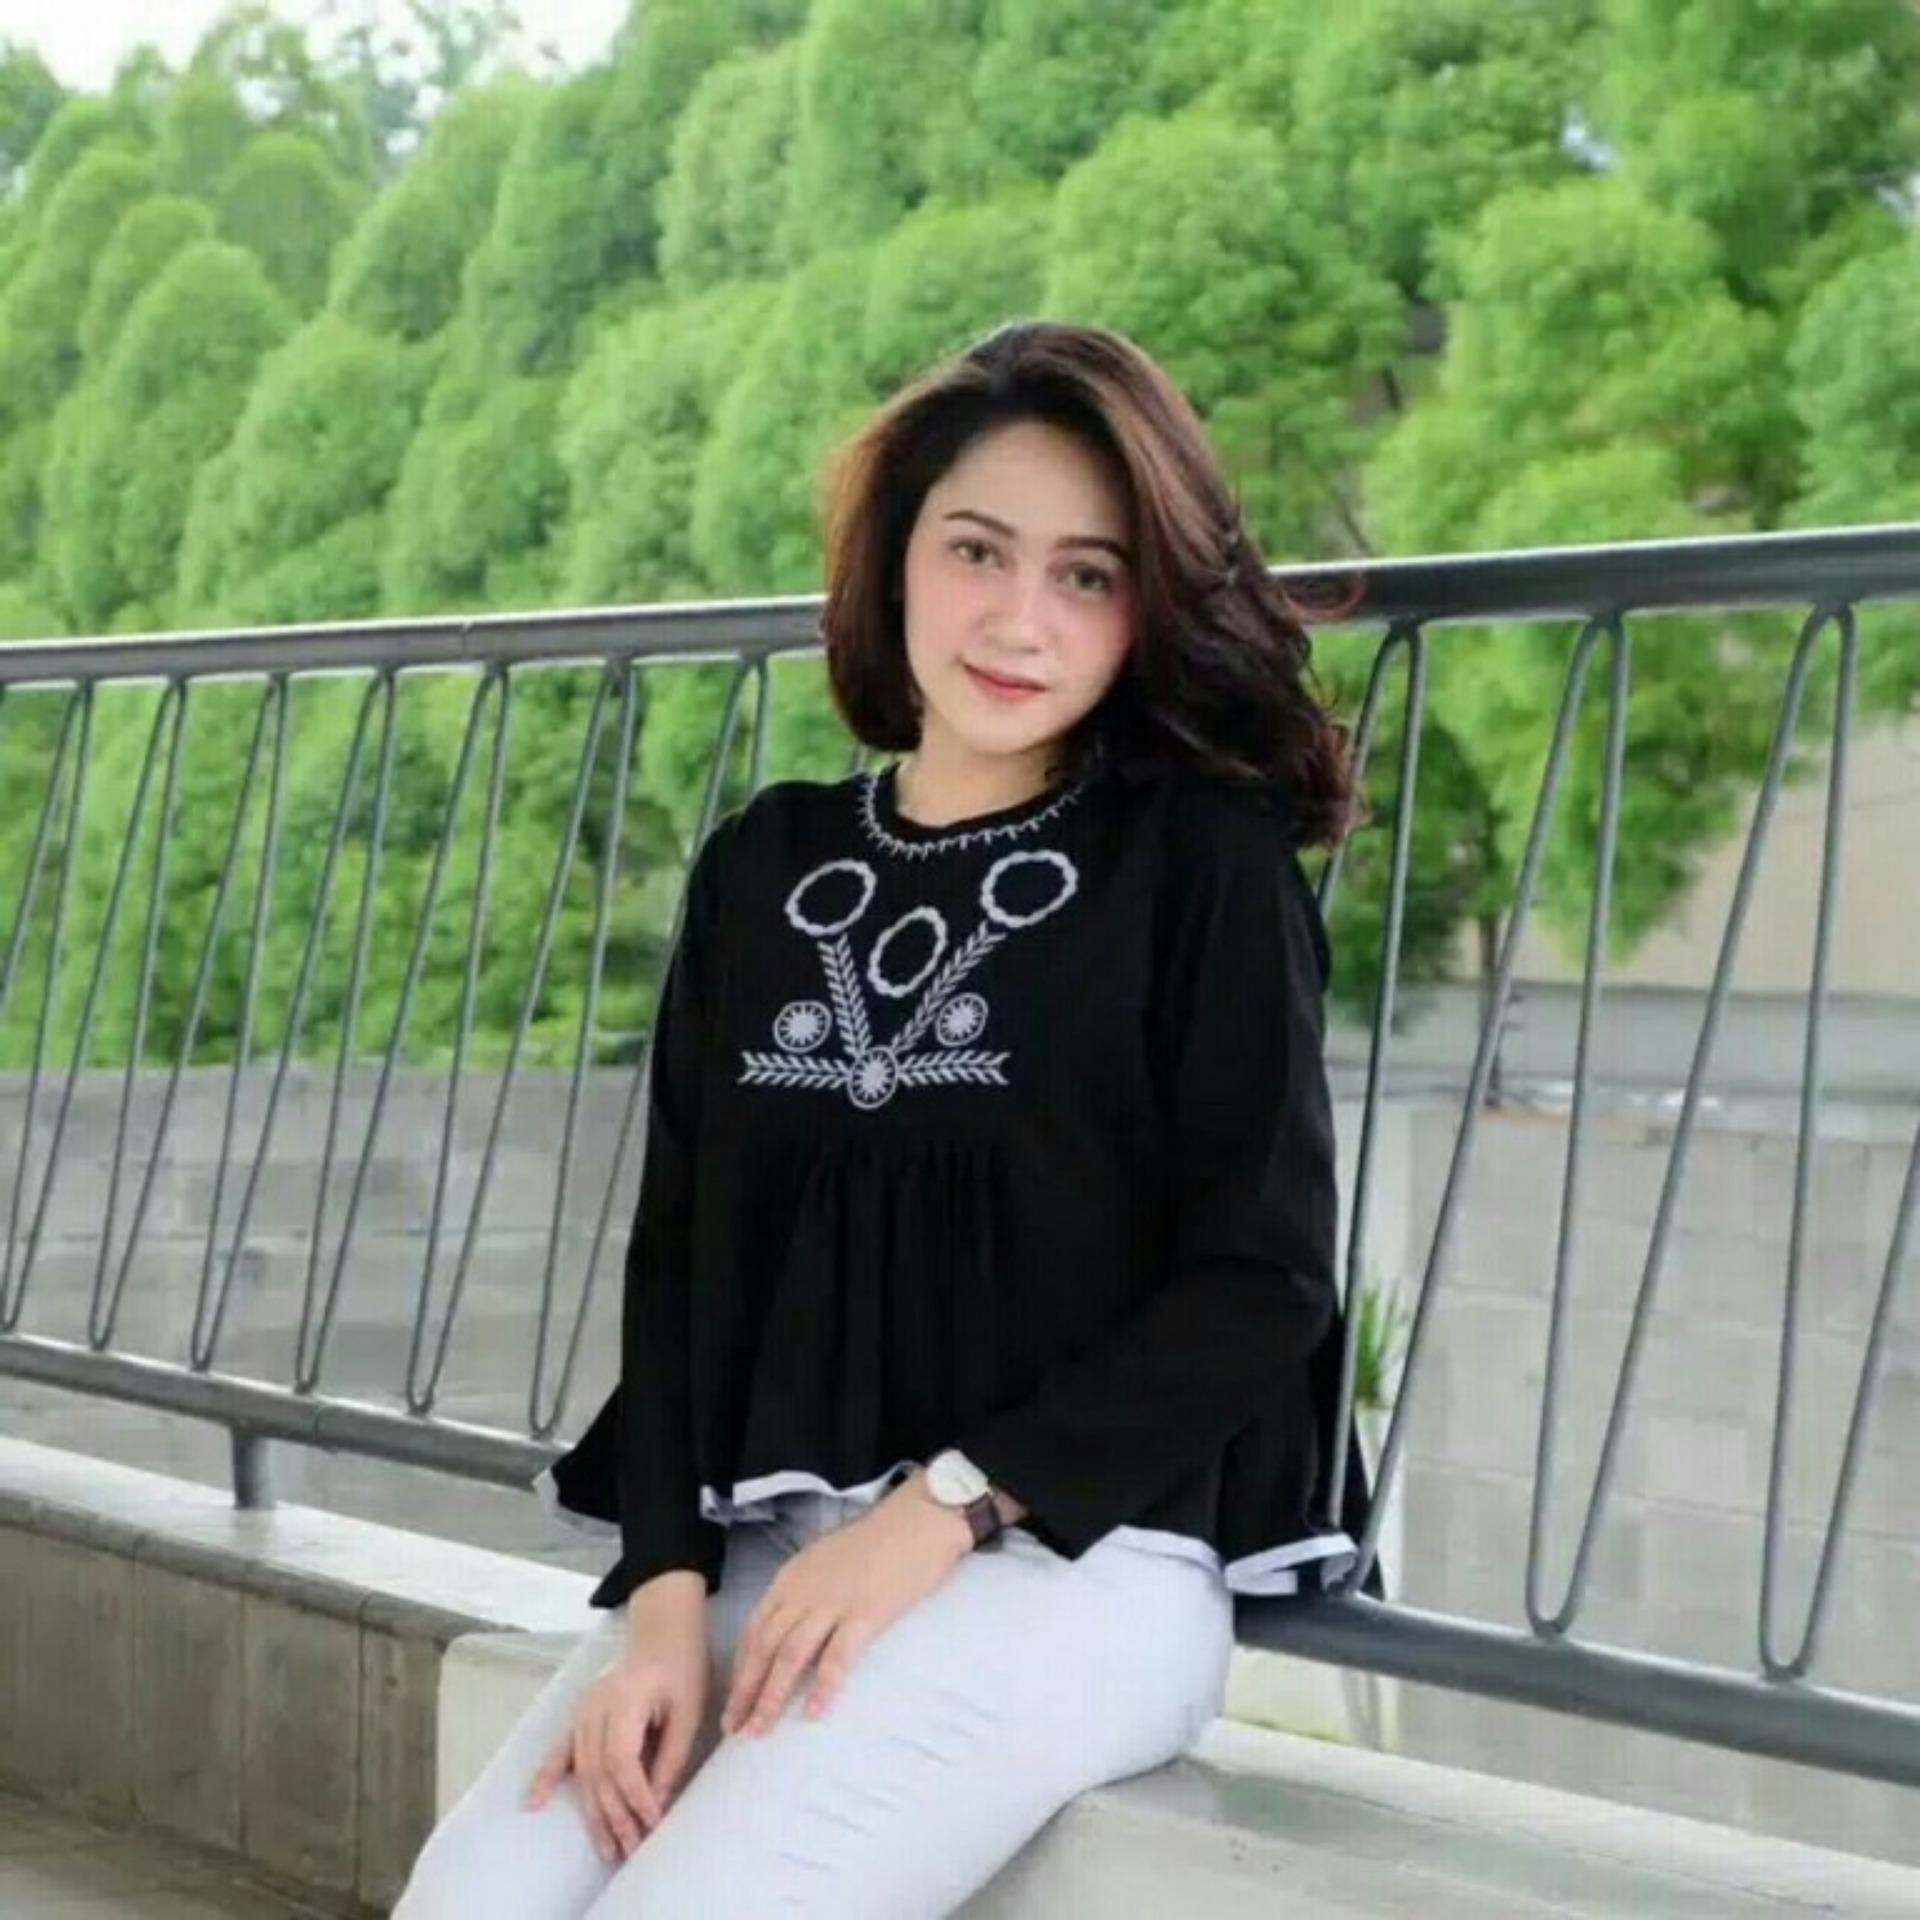 DIONISIA Nia Bella Baju Wanita / Blouse Korea / Baju Formal / Kemeja Wanita / Blouse Muslim Motif Batik / Baju Wanita / Blouse Sabrina / Atasan Wanita / Atasan Muslim / Kemeja Muslim Wanita / Baju Atasan Wanita